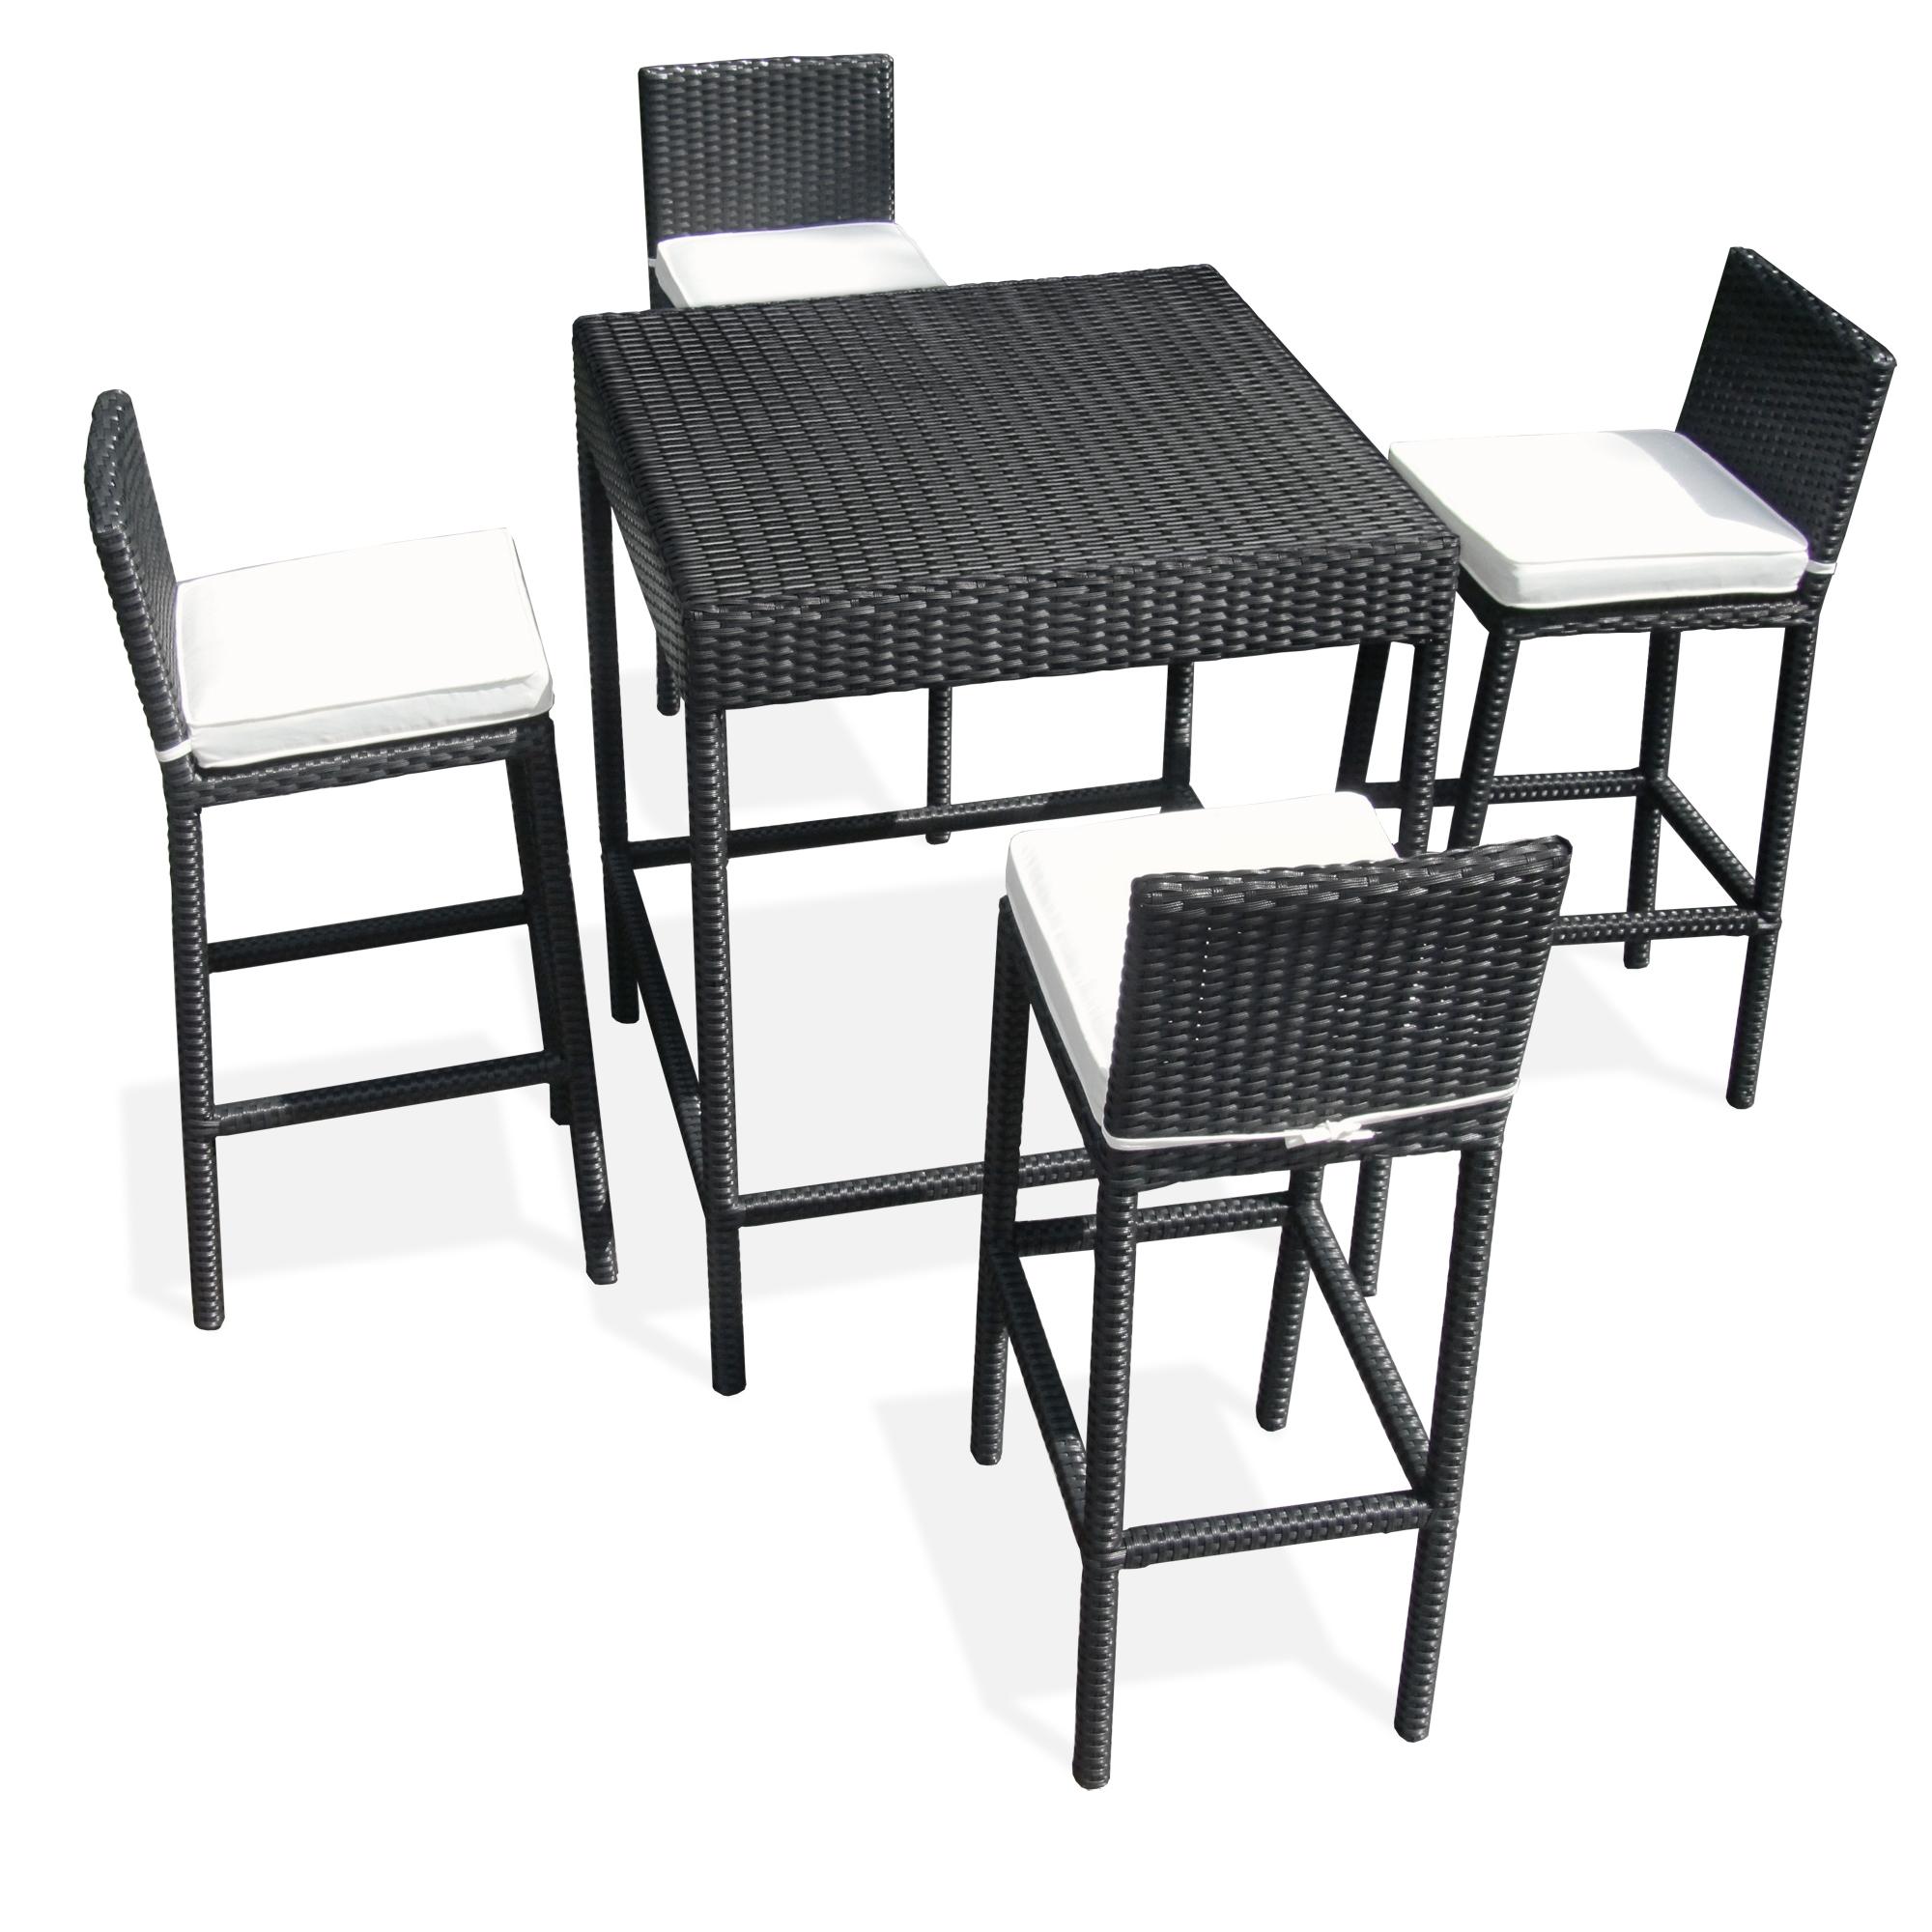 Table haute et tabouret de jardin des id es int ressantes pour la conception de Table haute jardin design